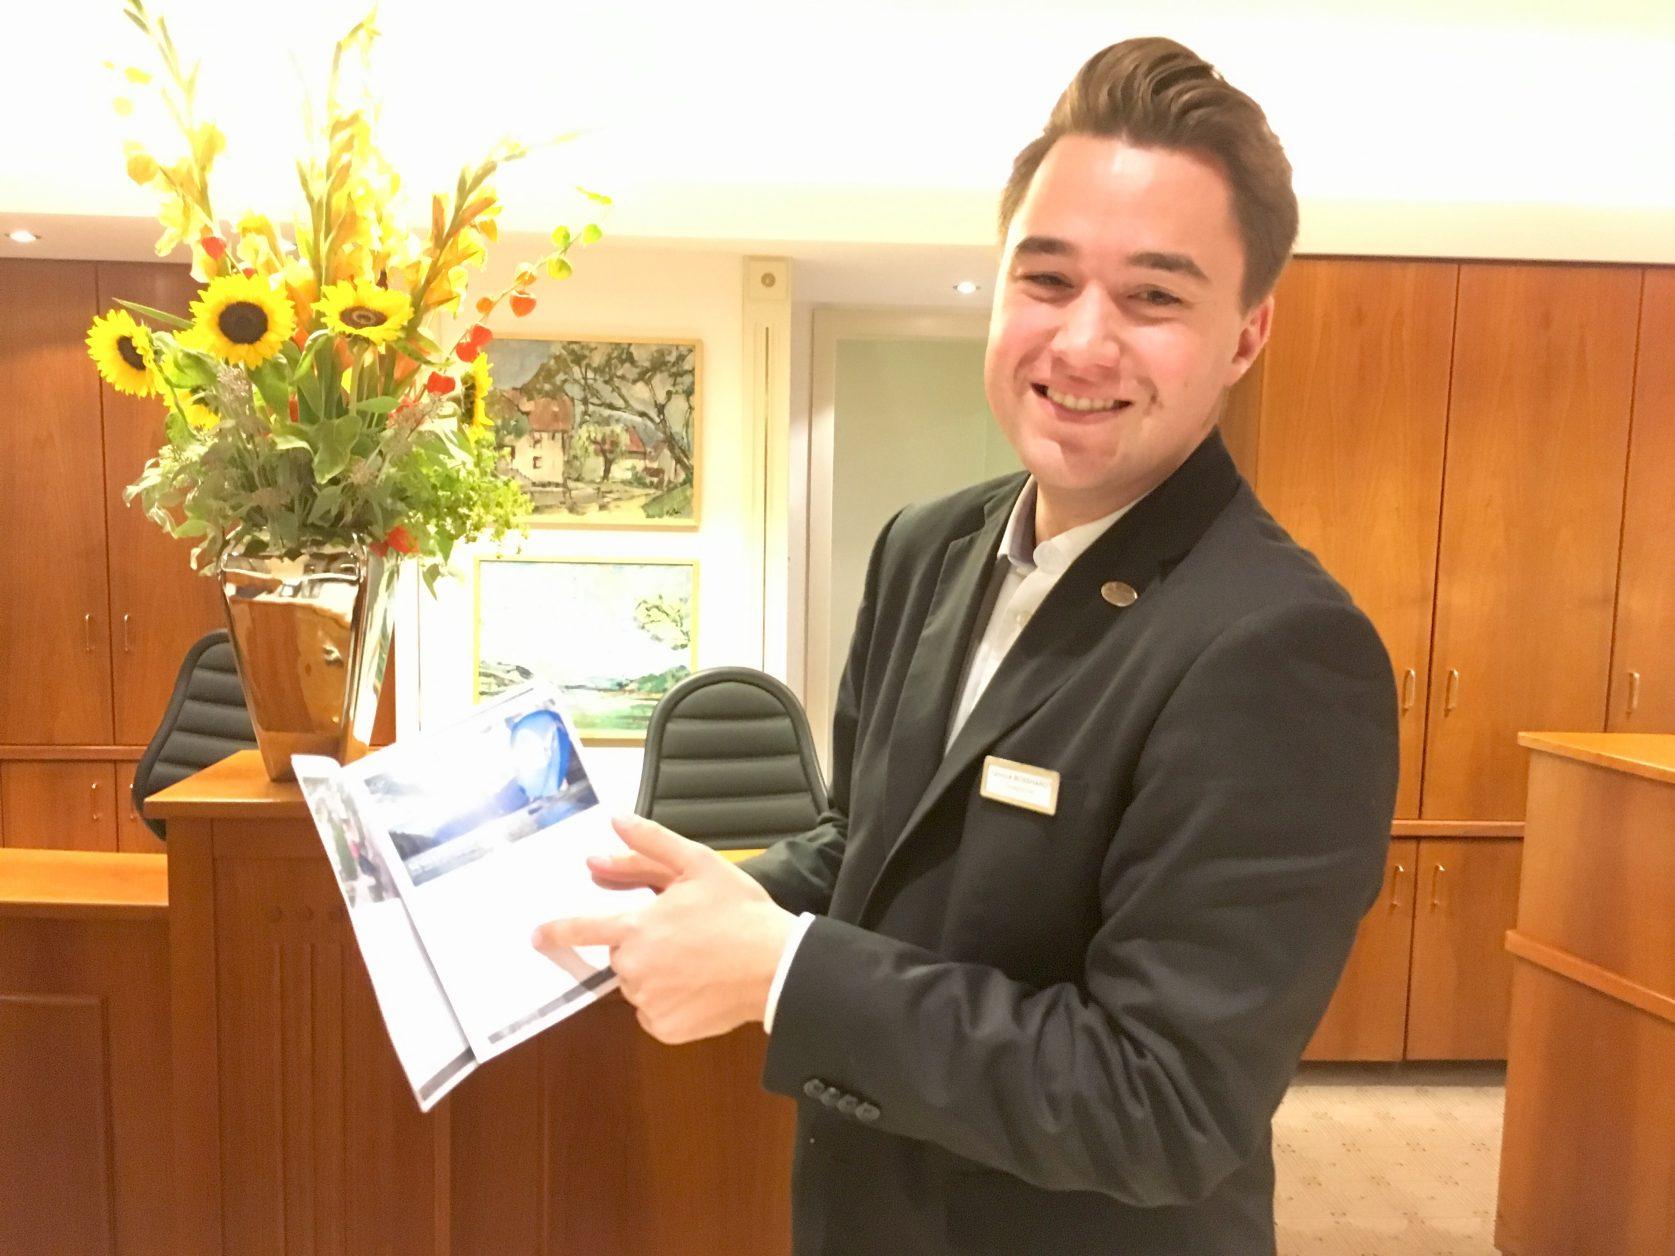 Yannick Booshardt empfängt die Gäste und gibt Tipps für den Aufenthalt, Foto: Weirauch